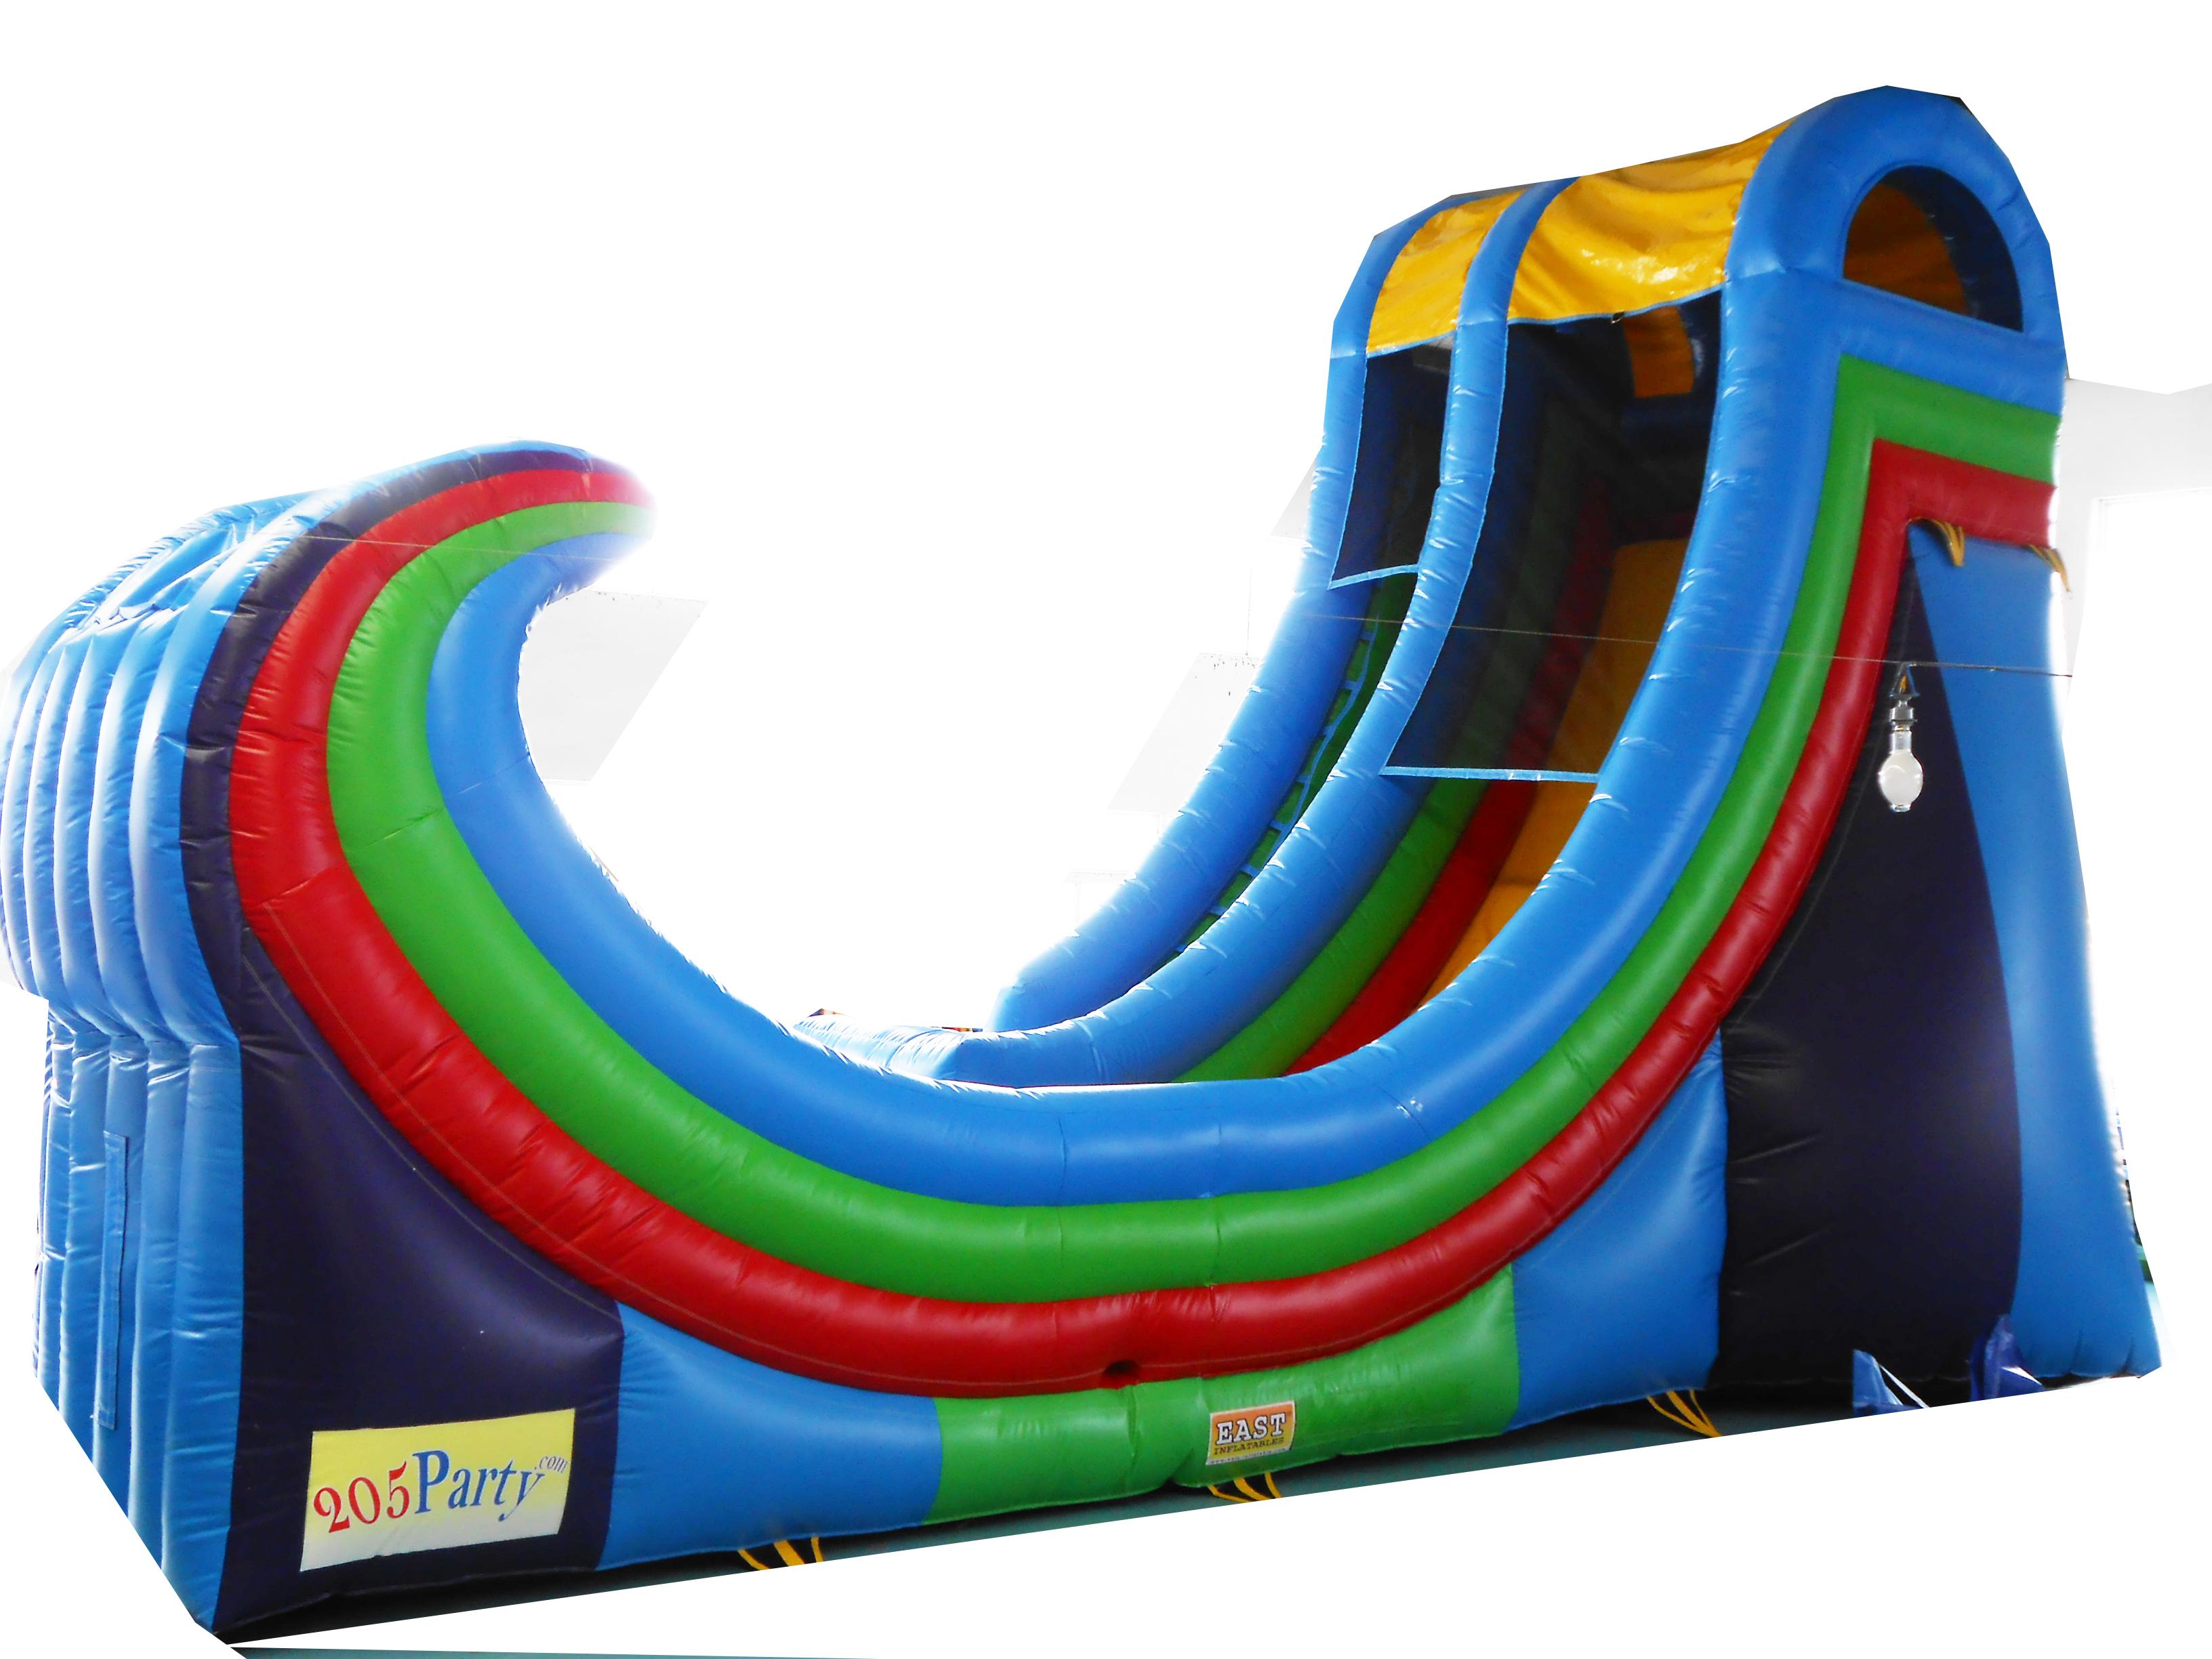 12Turbo Thriller Wet Dry Water slide